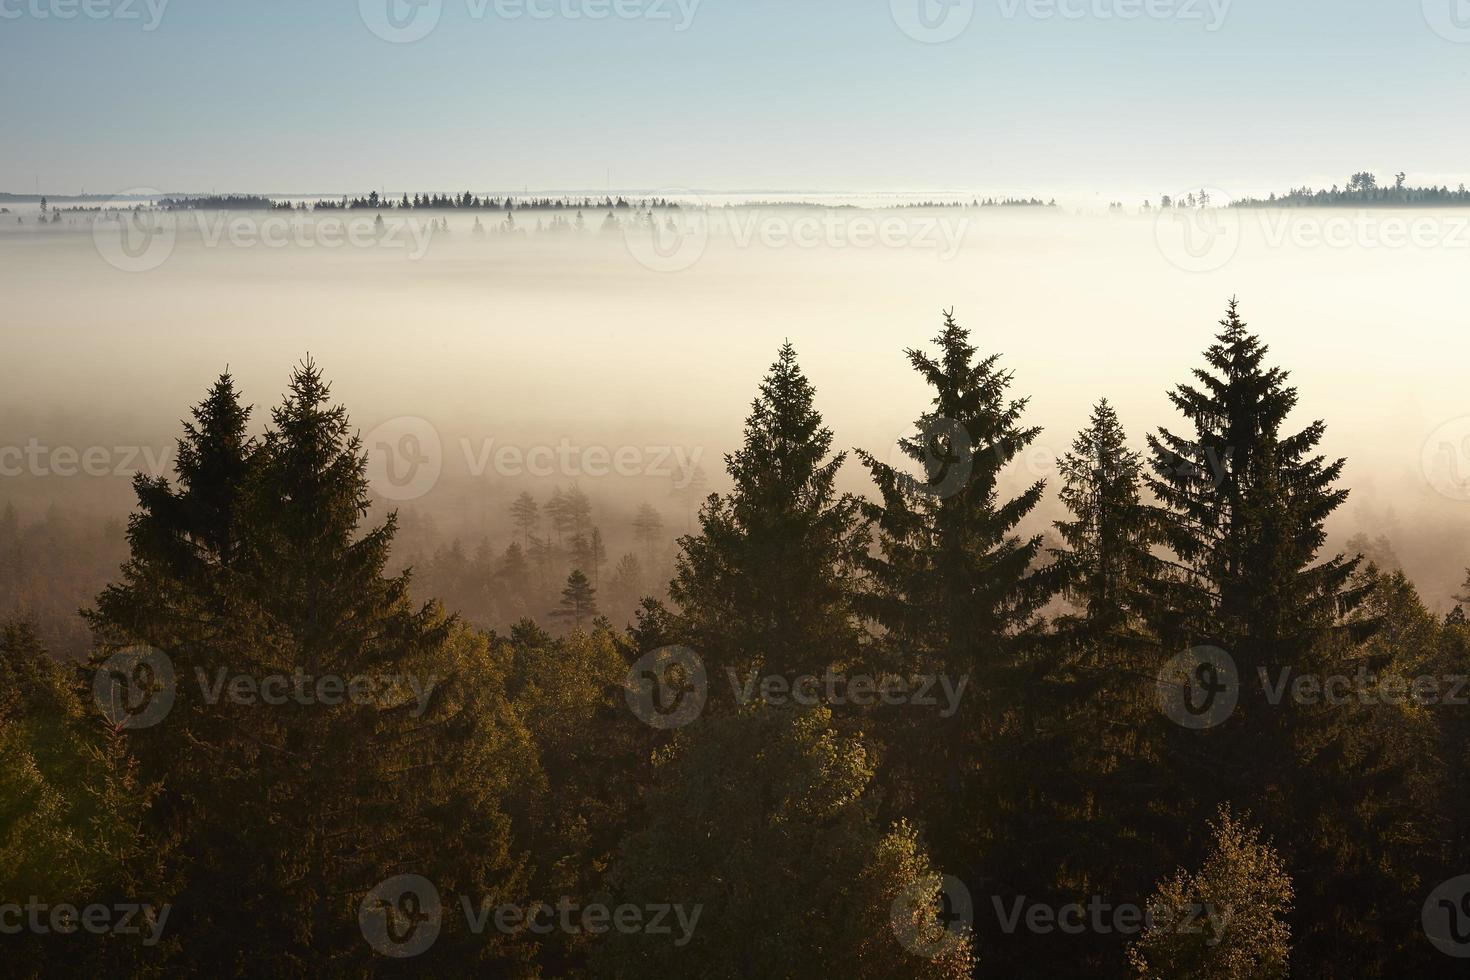 alberi in una mattina nebbiosa foto